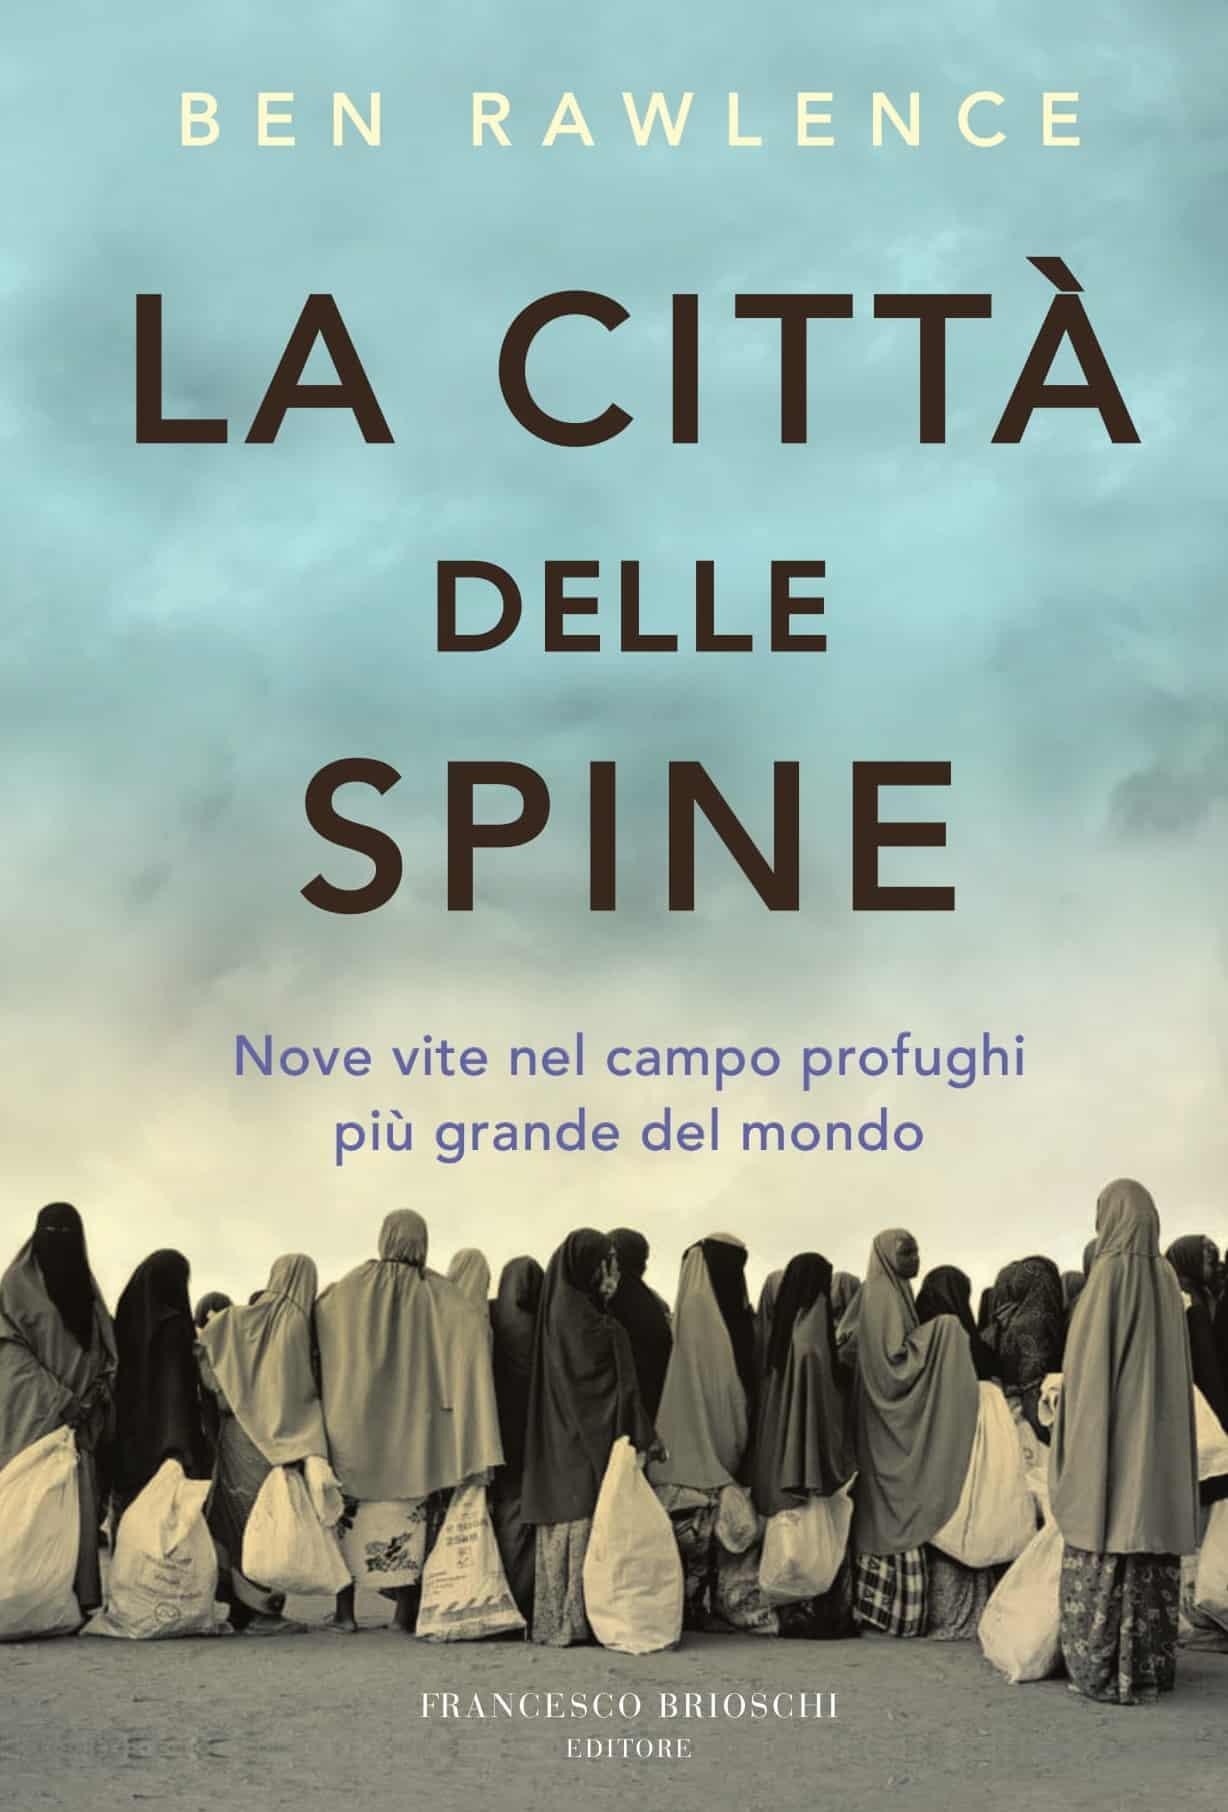 Ben Rawlence, La città delle spine, Francesco Brioschi Editore